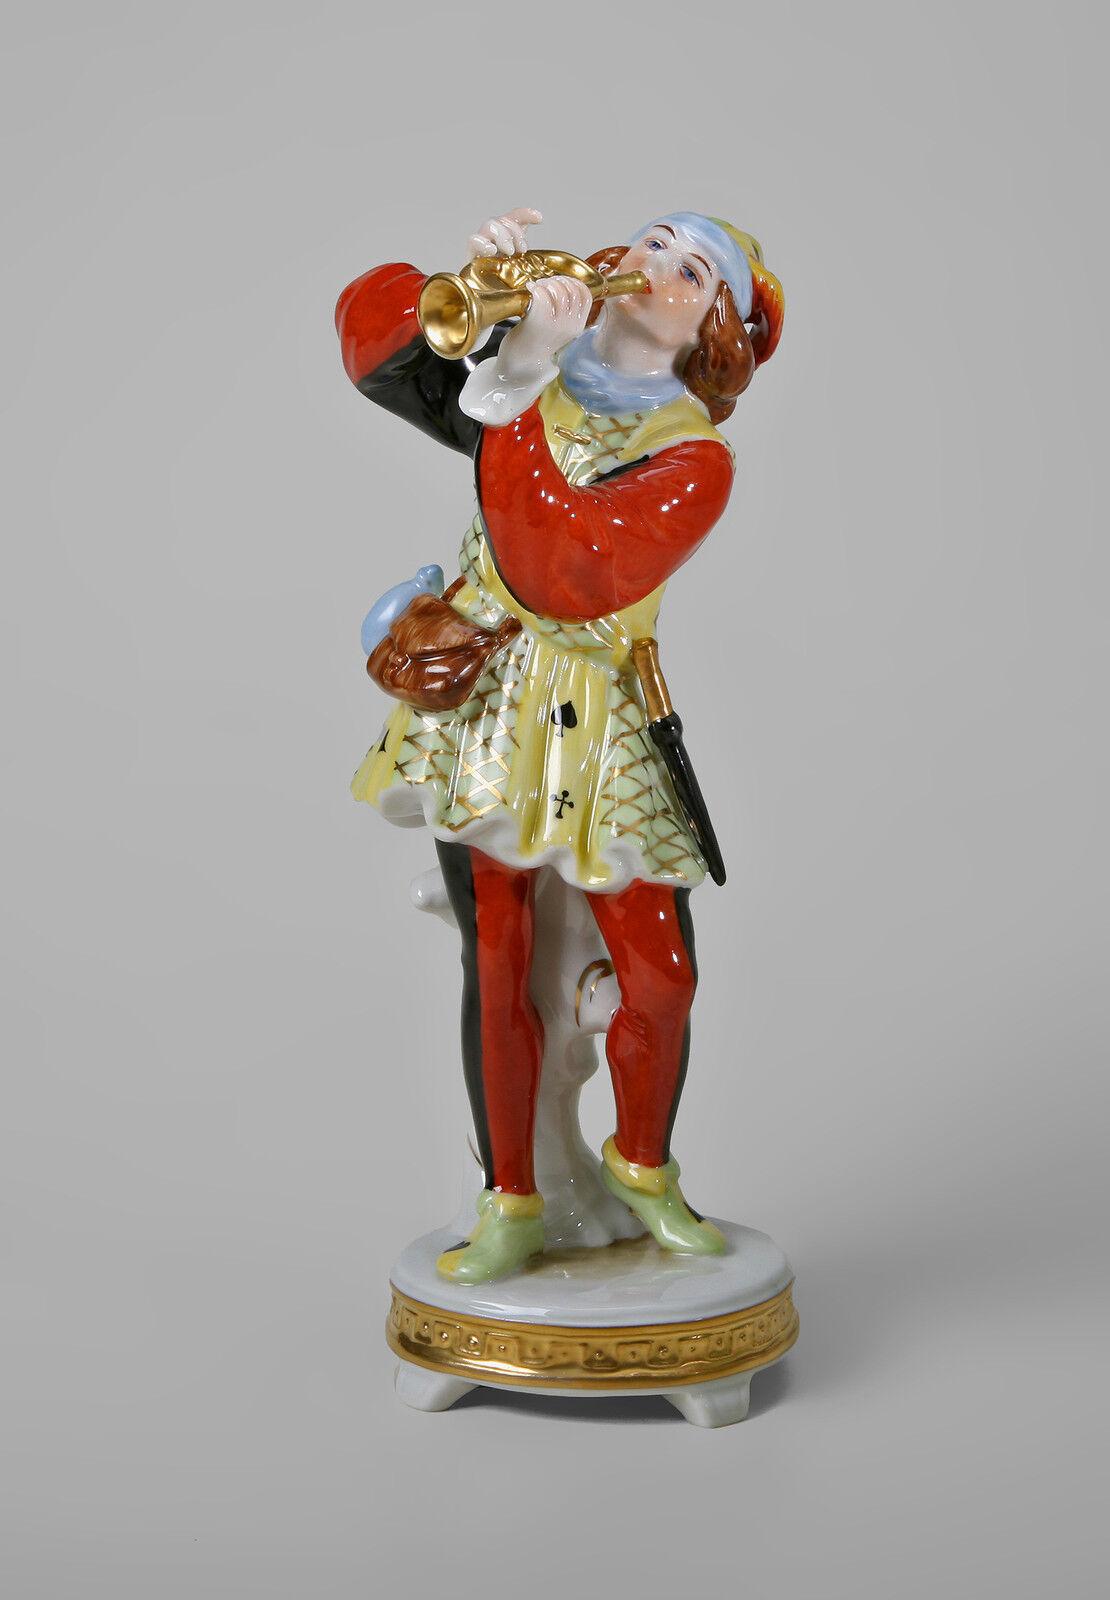 Porcellana Arlecchino Cappella Trombettista Kämmer Turingia, Germania 9944300 -  - ebay.it